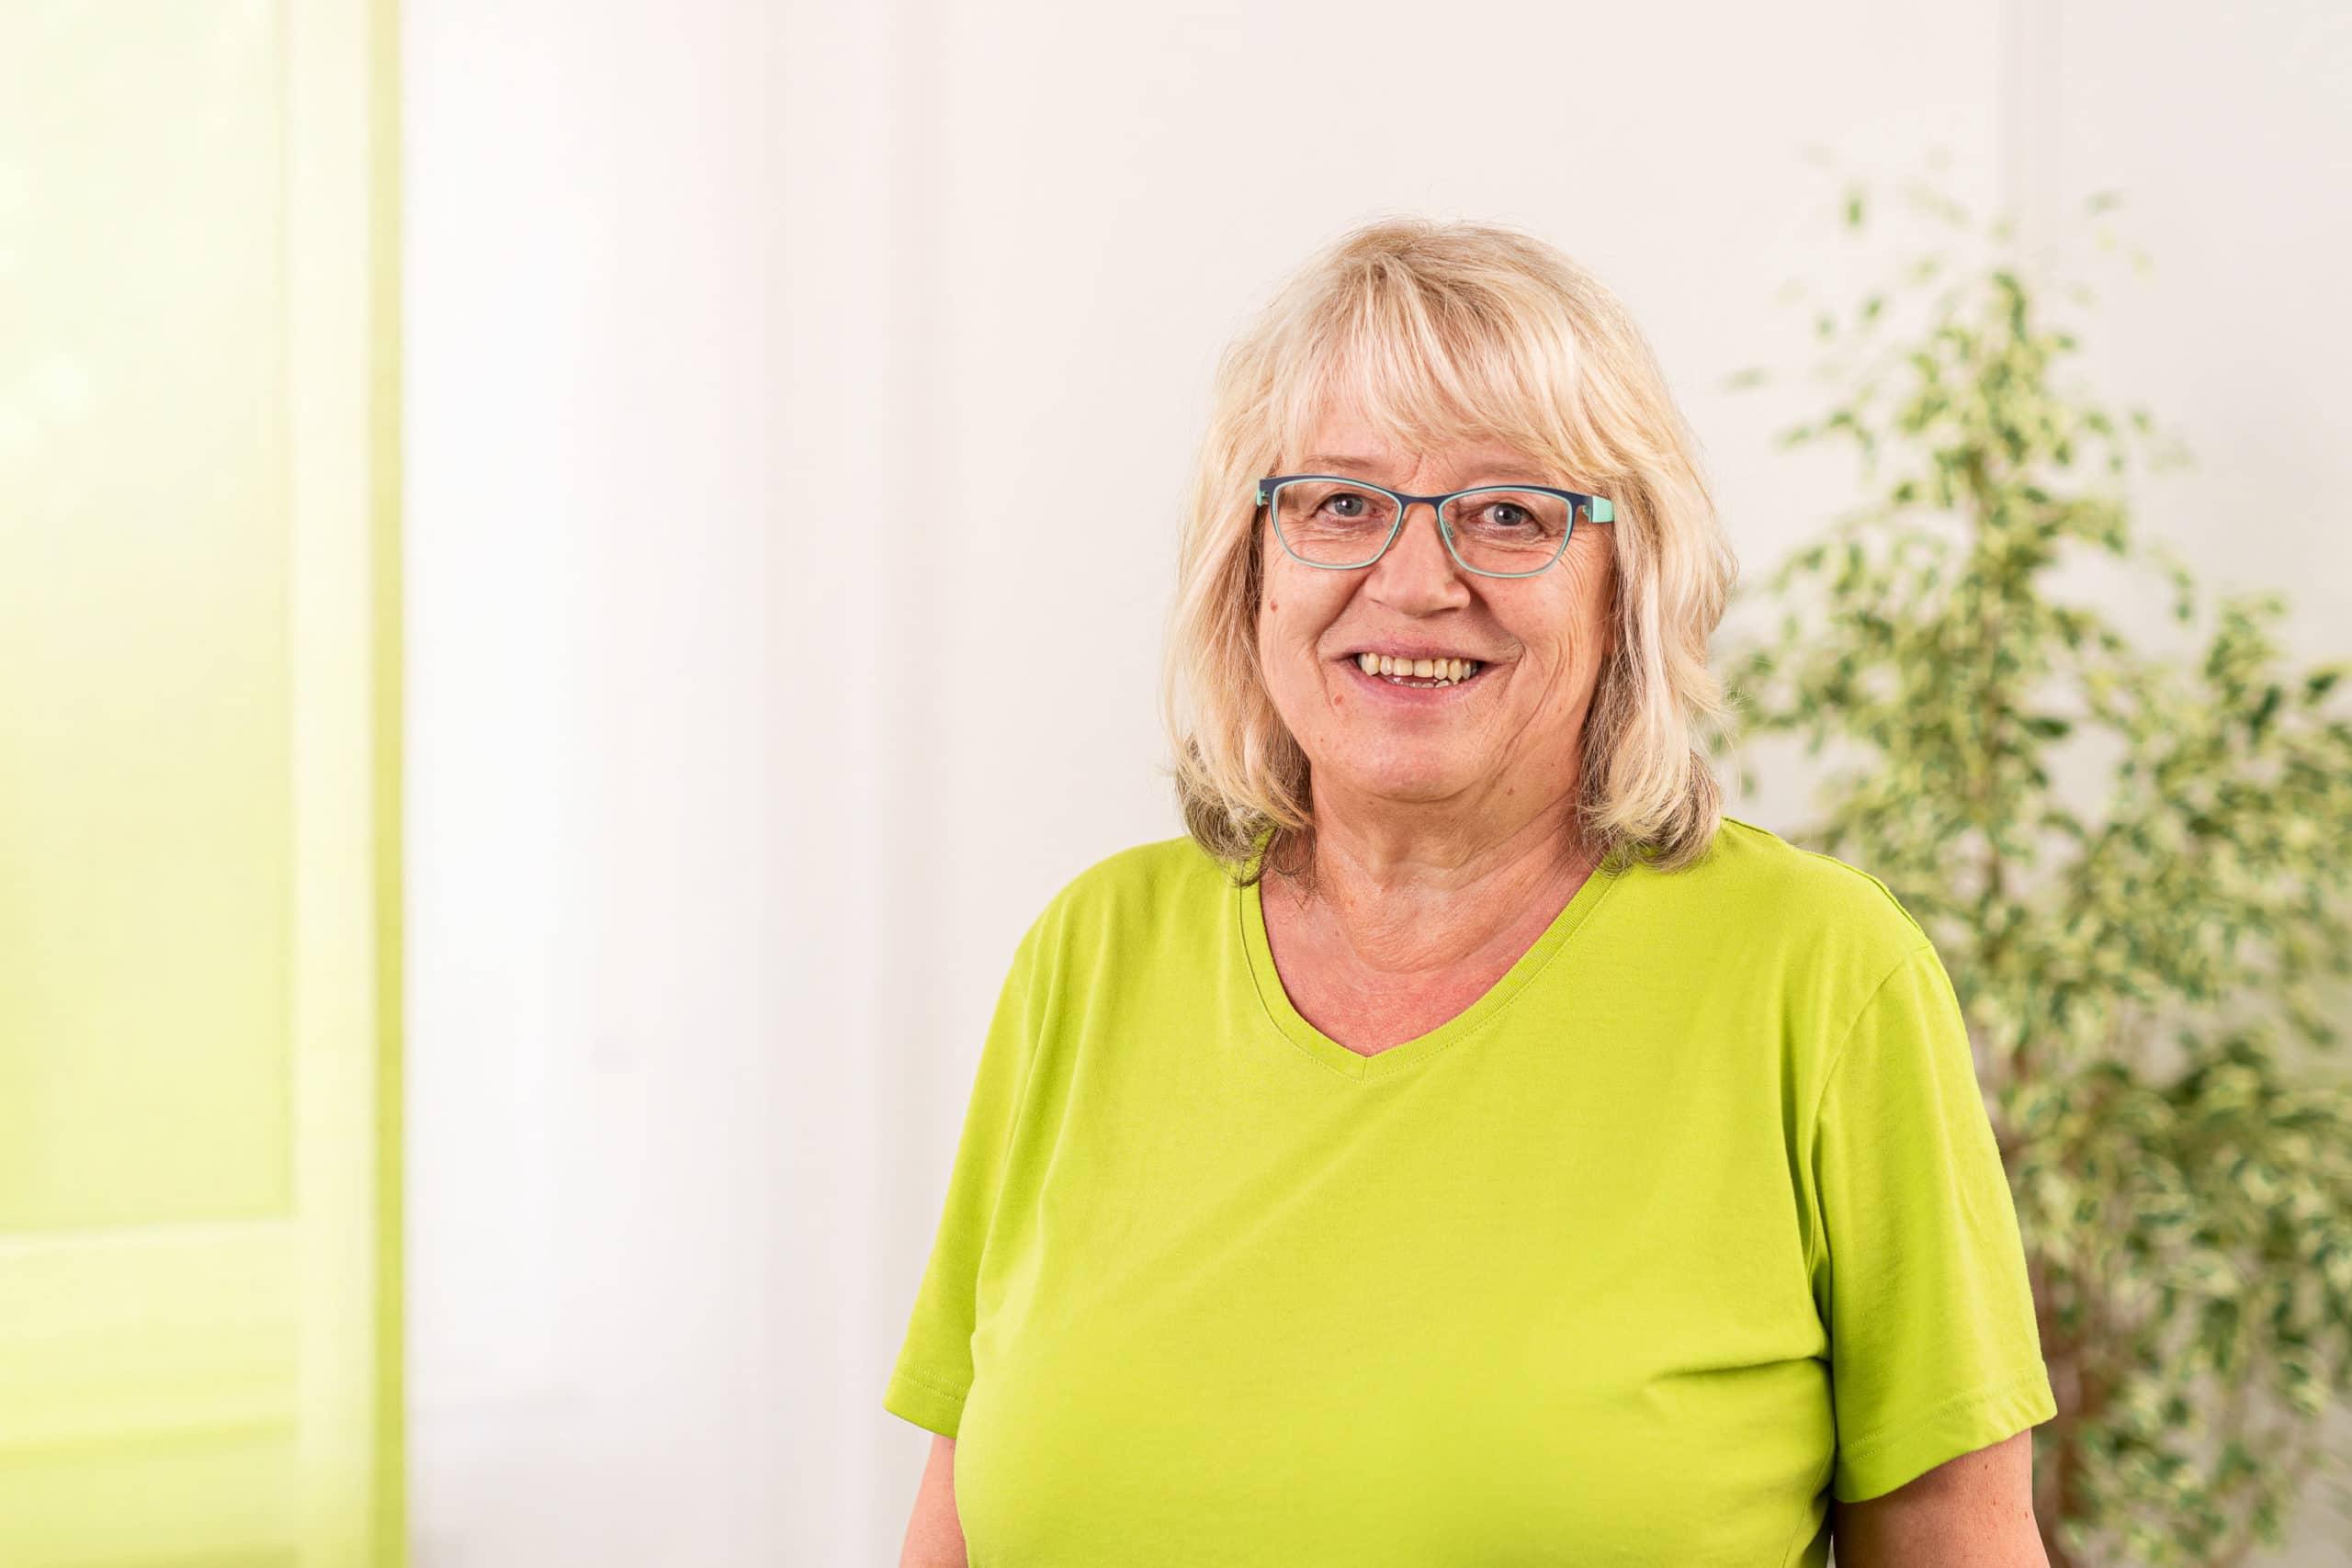 Freundliches Mitarbeiterfoto einer Angestellten eines Arztpraxis |Portraitfotograf in der Region Osnabrück Münster Bielefeld für Mitarbeiterfotografie